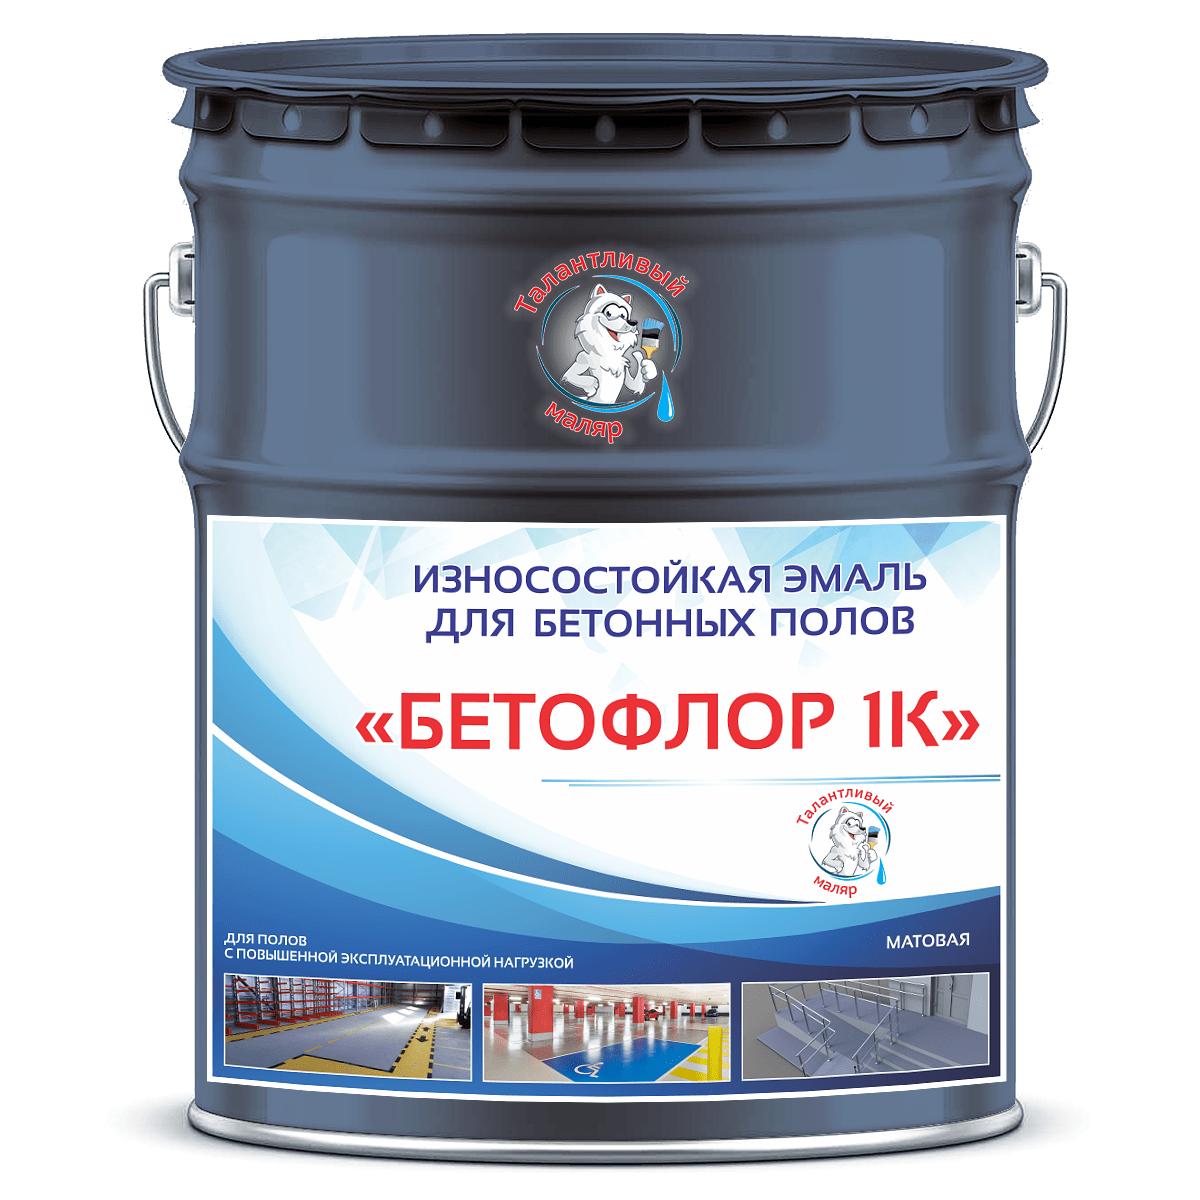 """Фото 20 - BF5008 Эмаль для бетонных полов """"Бетофлор"""" 1К цвет RAL 5008 Серо-синий, матовая износостойкая, 25 кг """"Талантливый Маляр""""."""